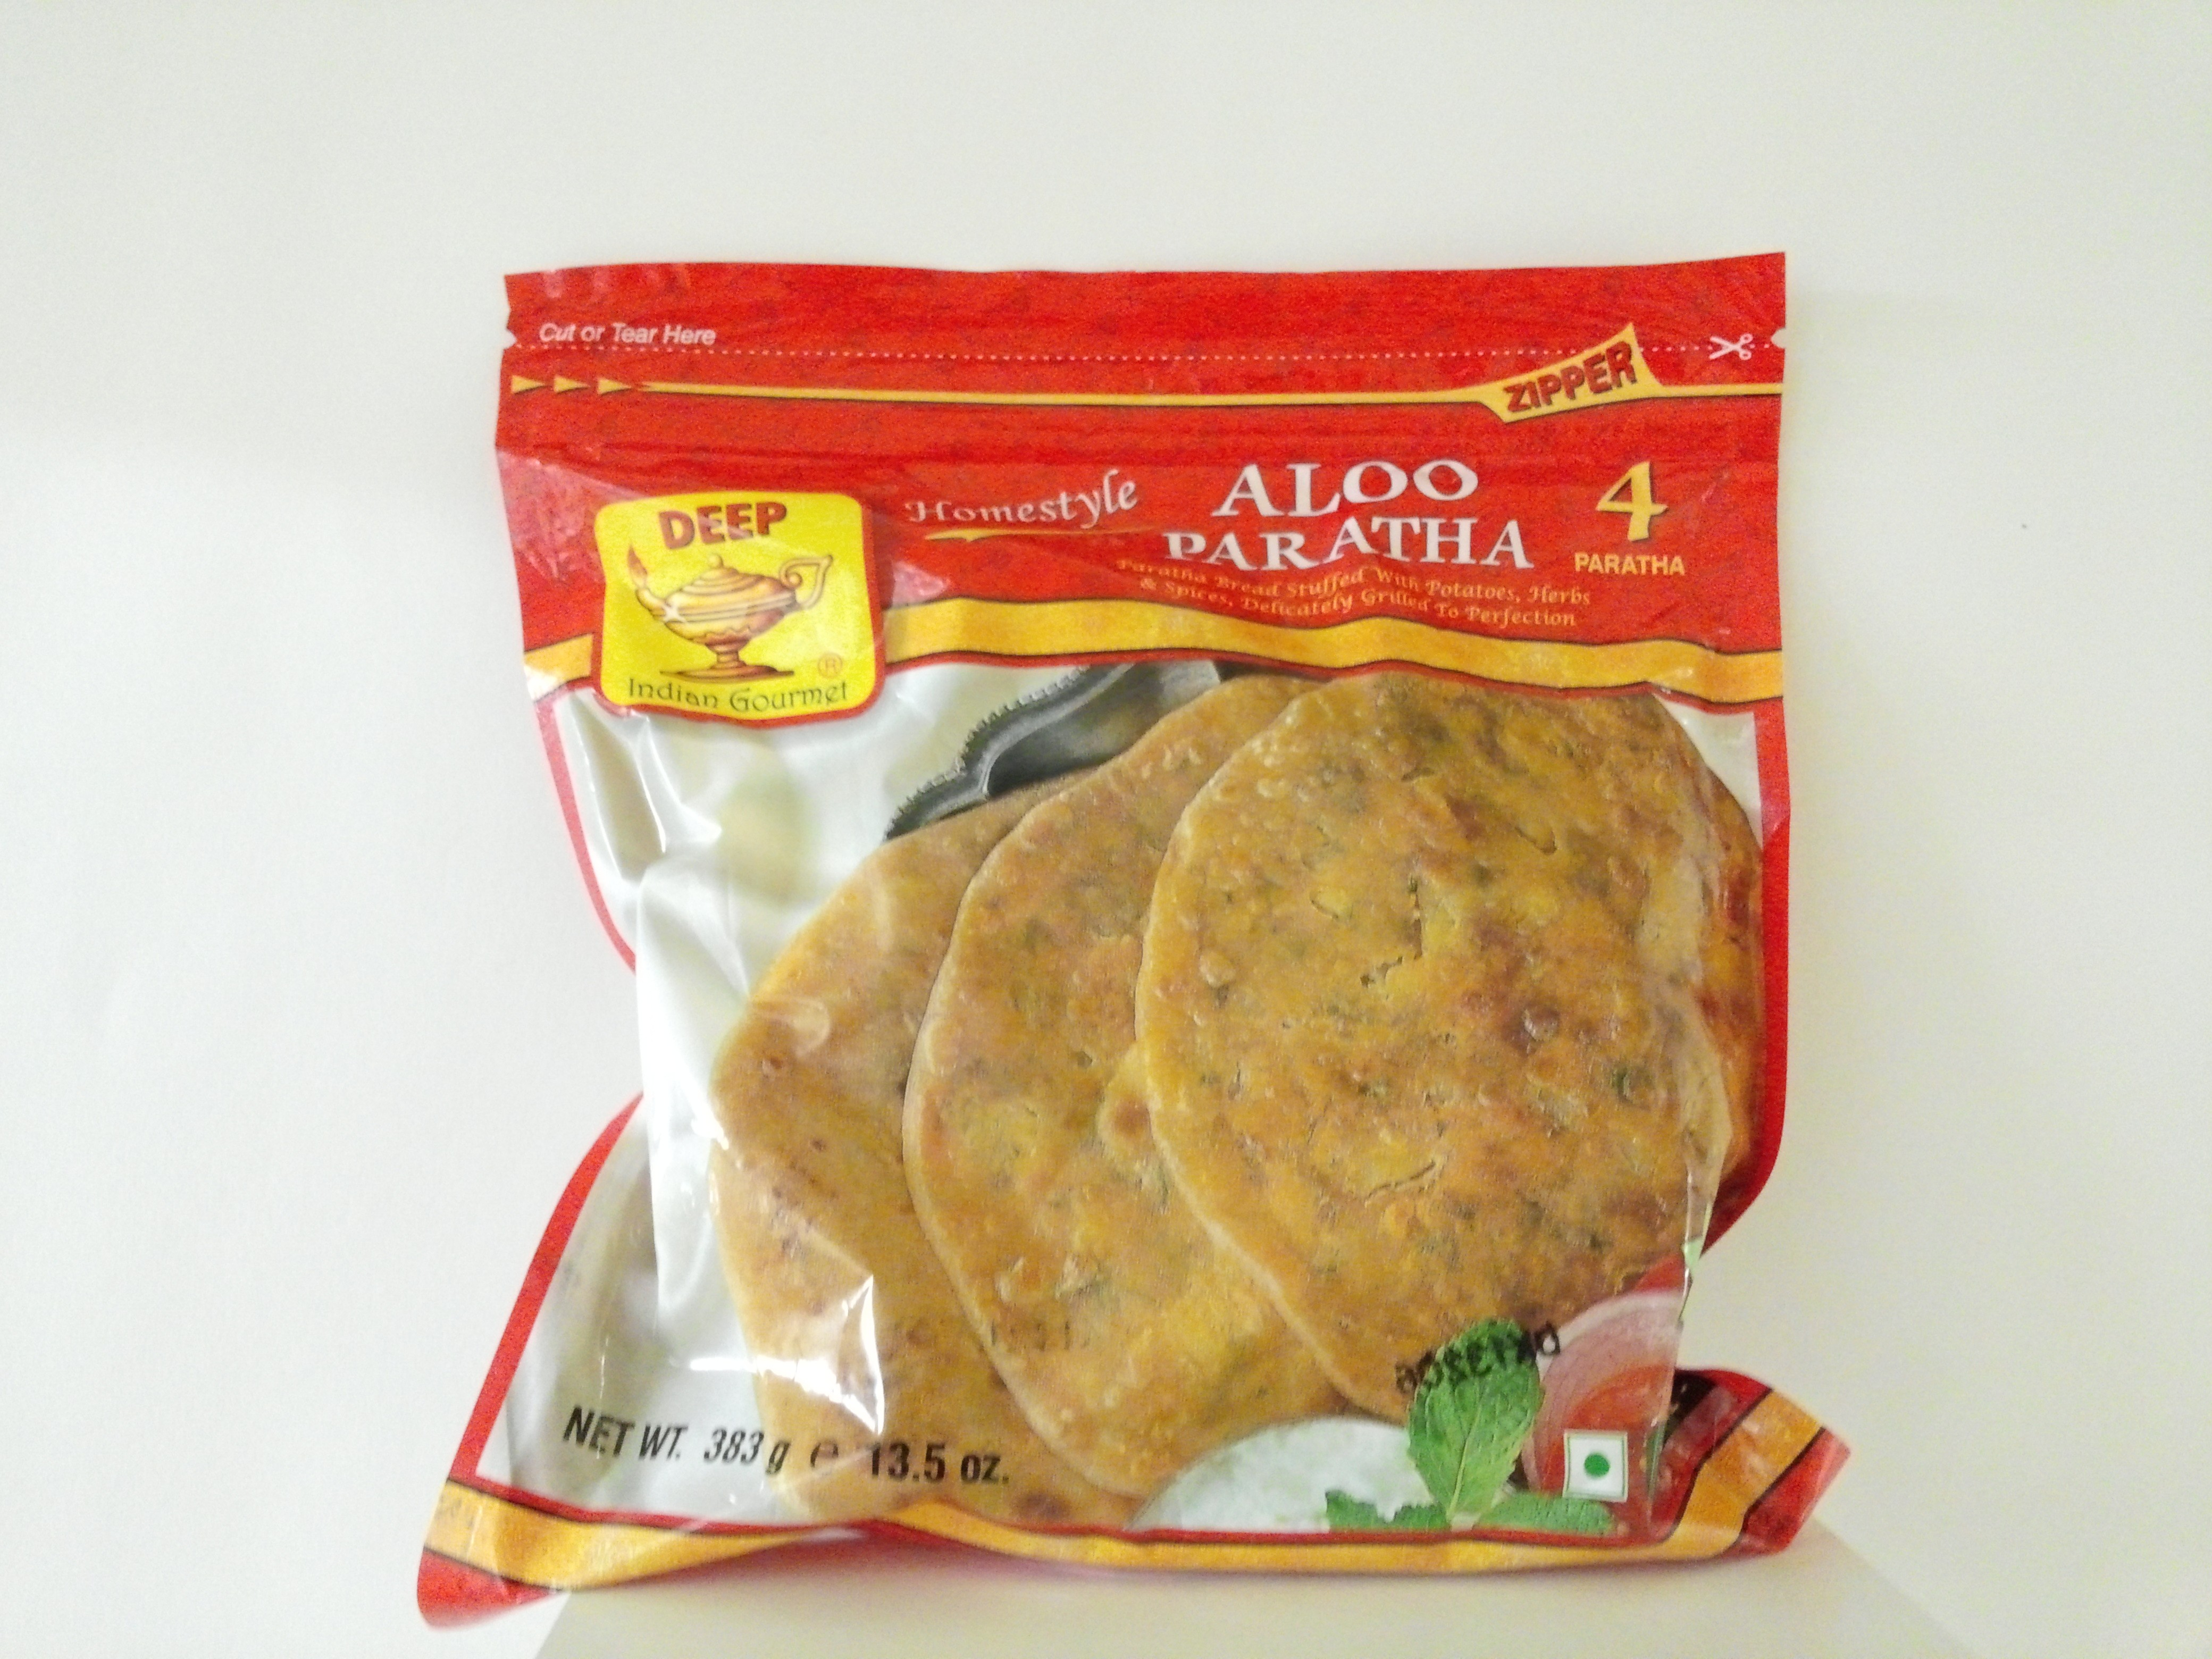 Deep Homestyle Aloo Paratha  4 pcs 13.5 oz